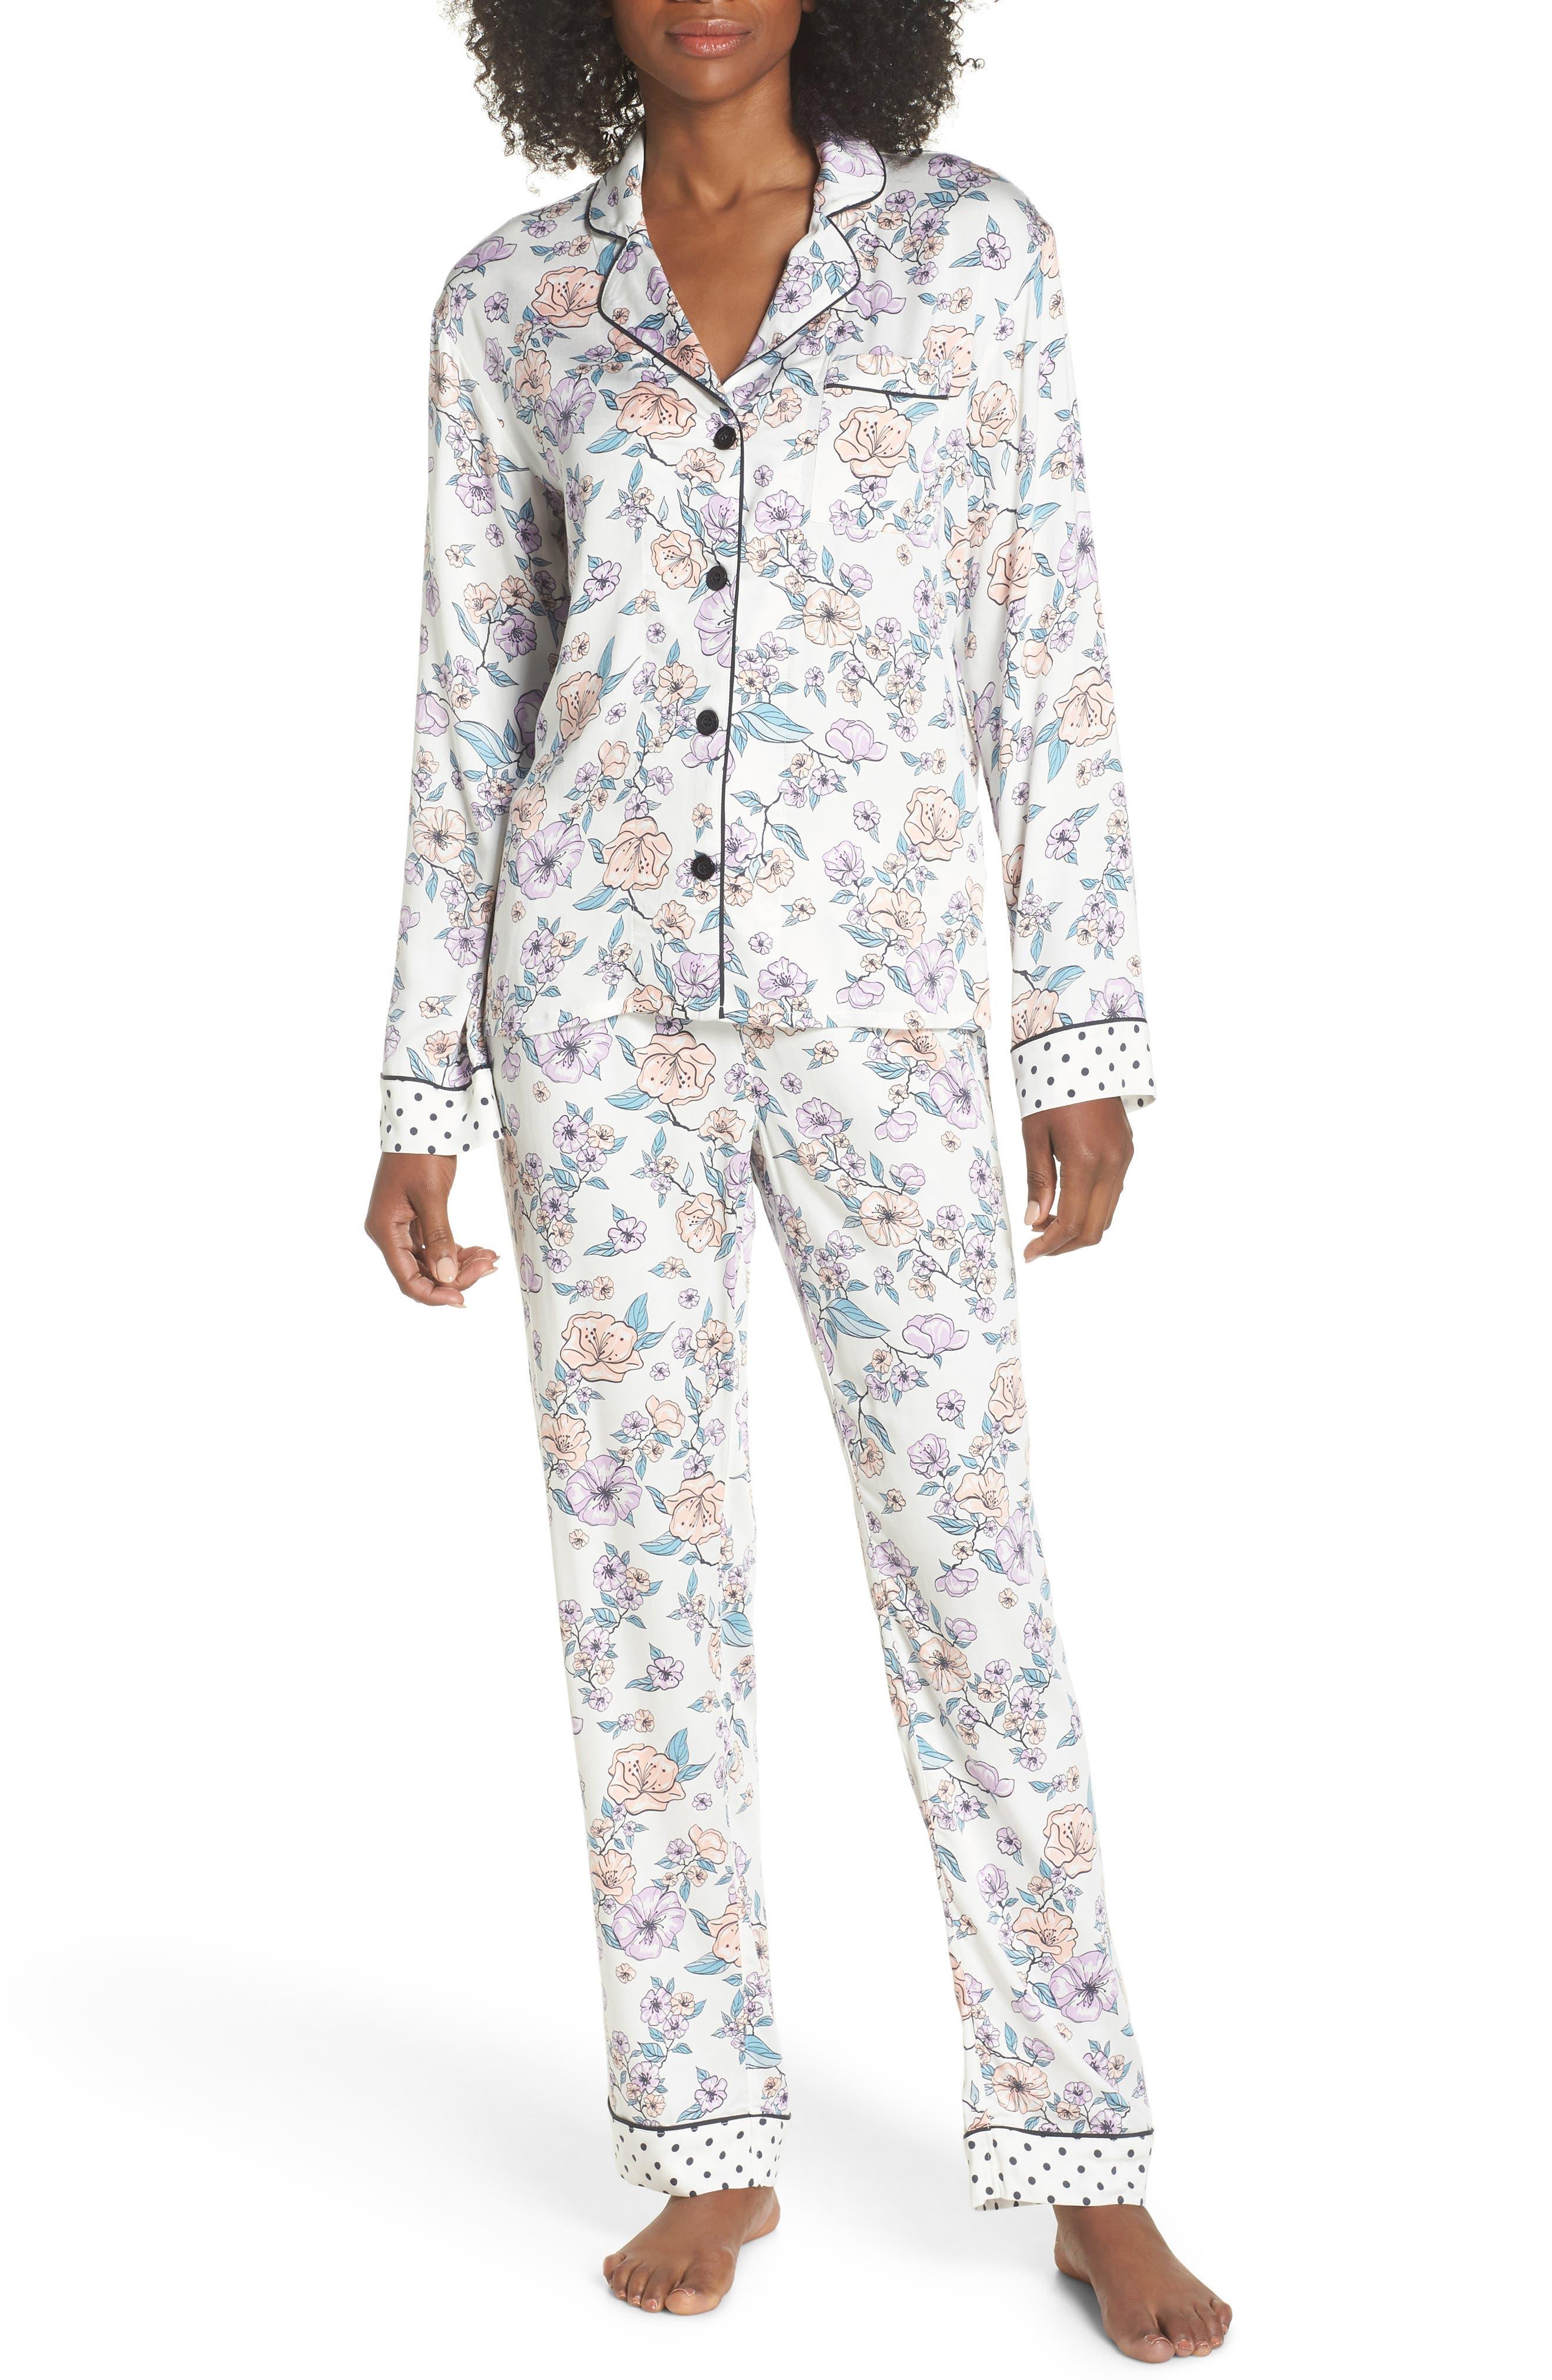 Floral Print Pajamas,                             Main thumbnail 1, color,                             Natural